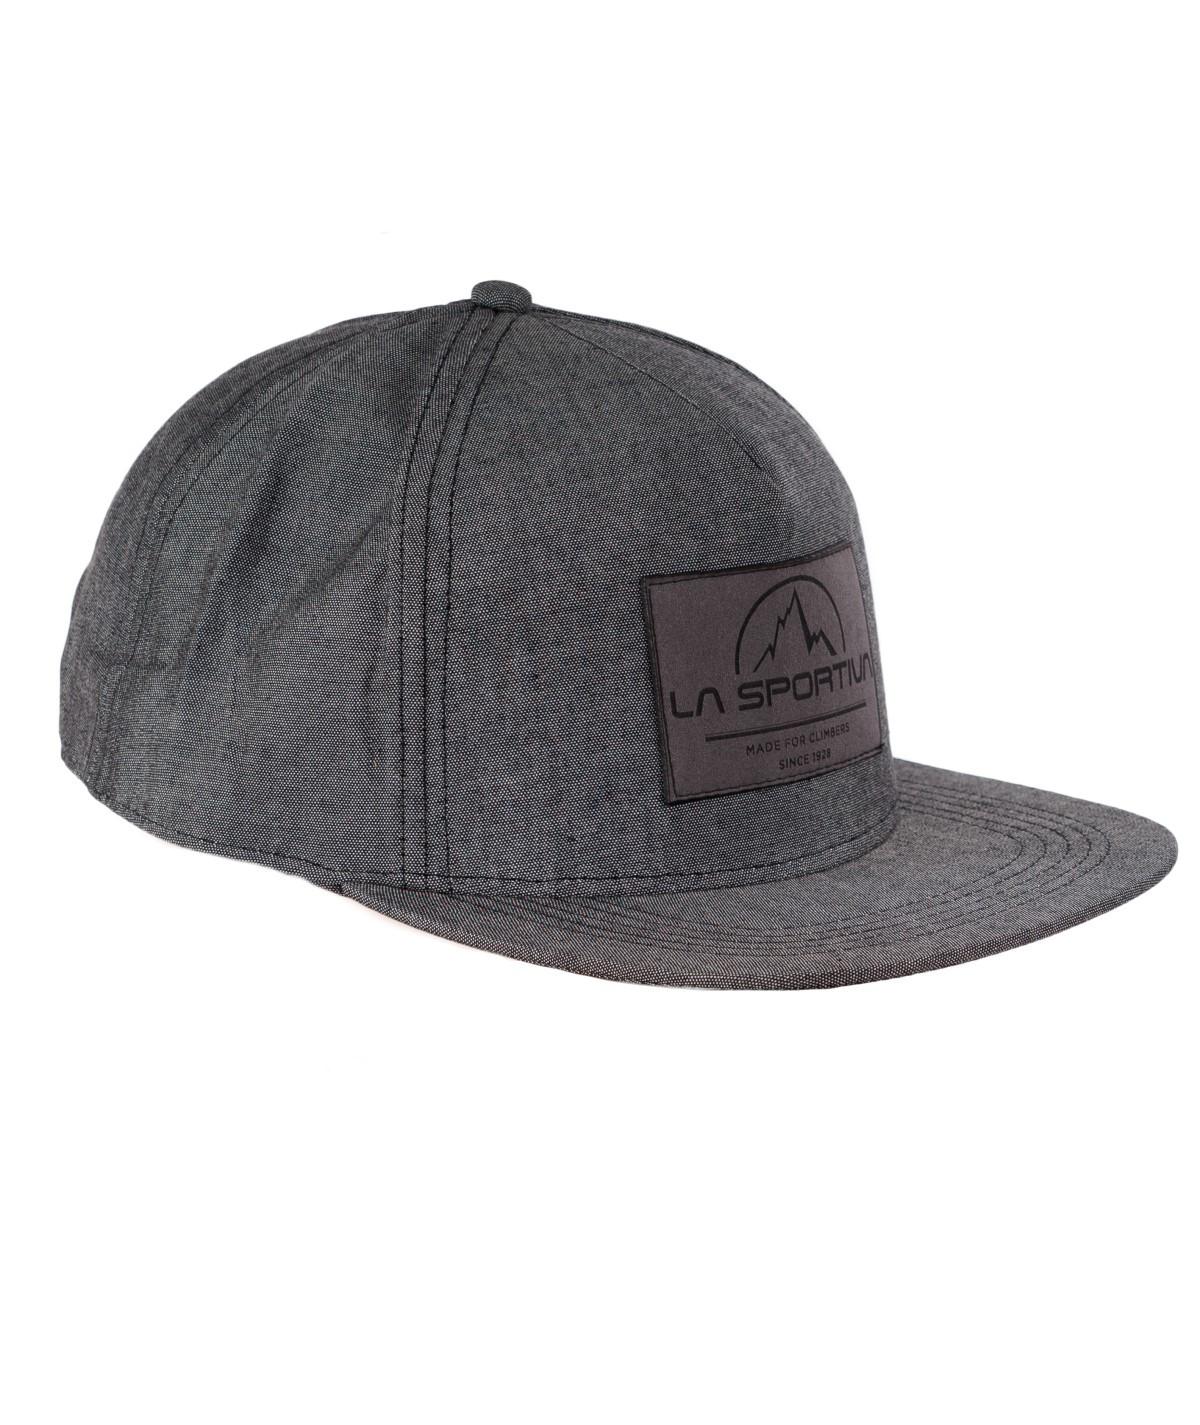 LA SPORTIVA - FLAT HAT